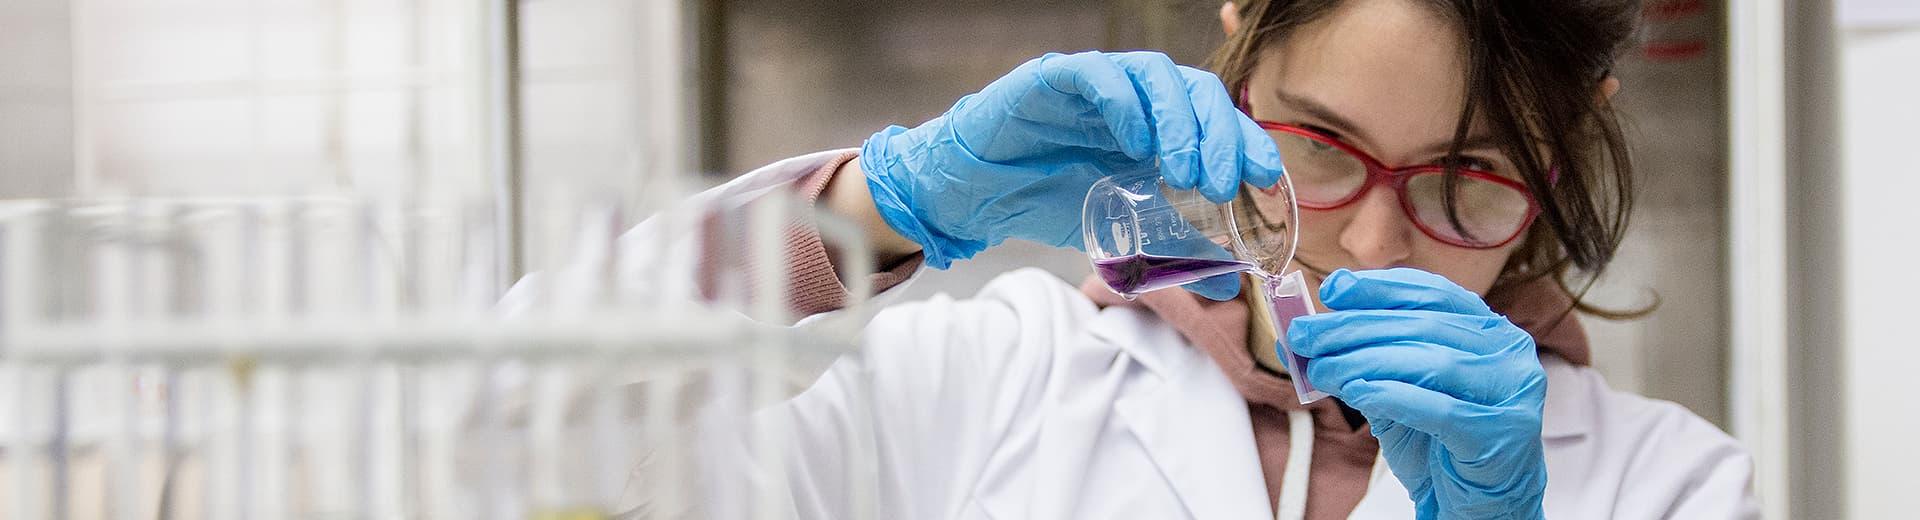 Logros de la ciencia nacional: ¿talento individual o decisiones políticas?